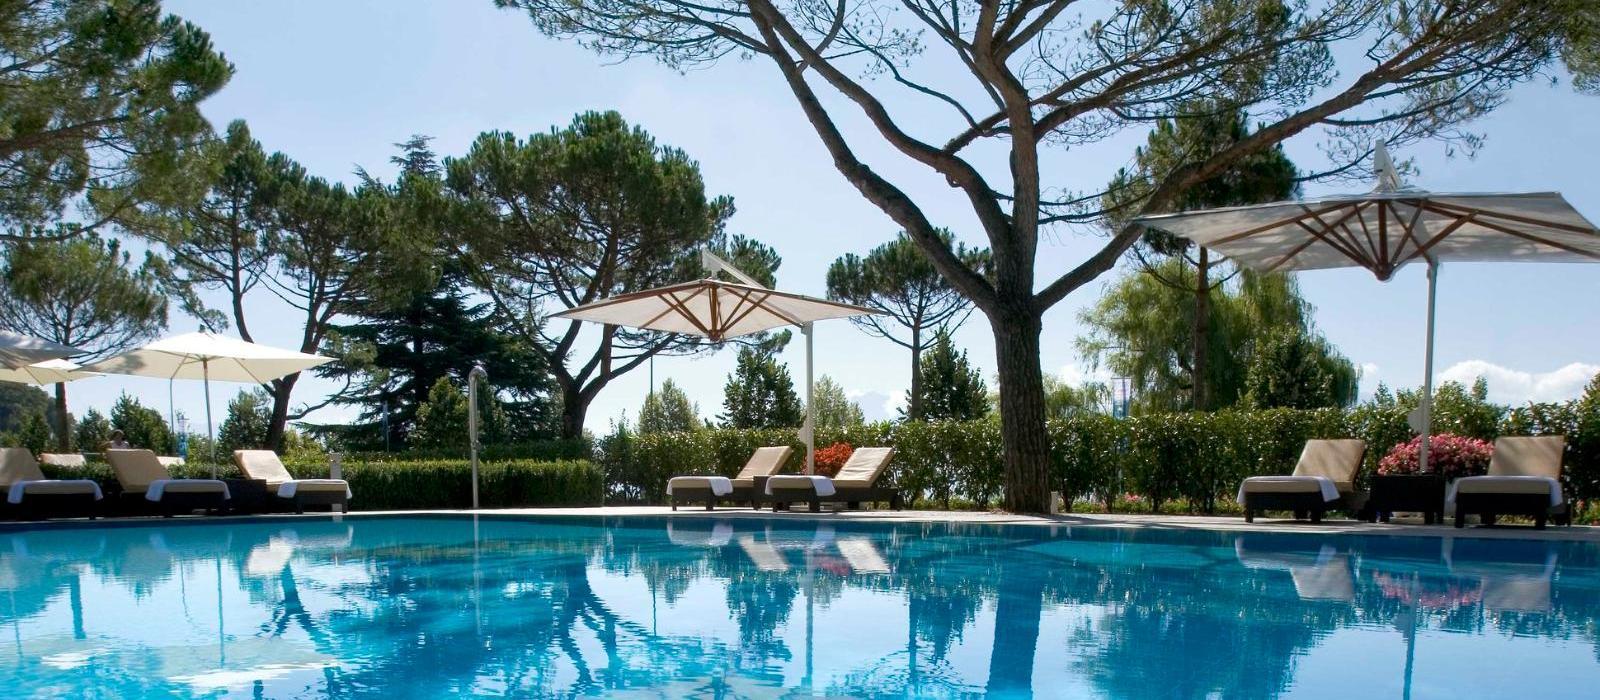 洛桑美岸皇宫大酒店(Beau-Rivage Palace Lausanne) 室外泳池图片  www.lhw.cn